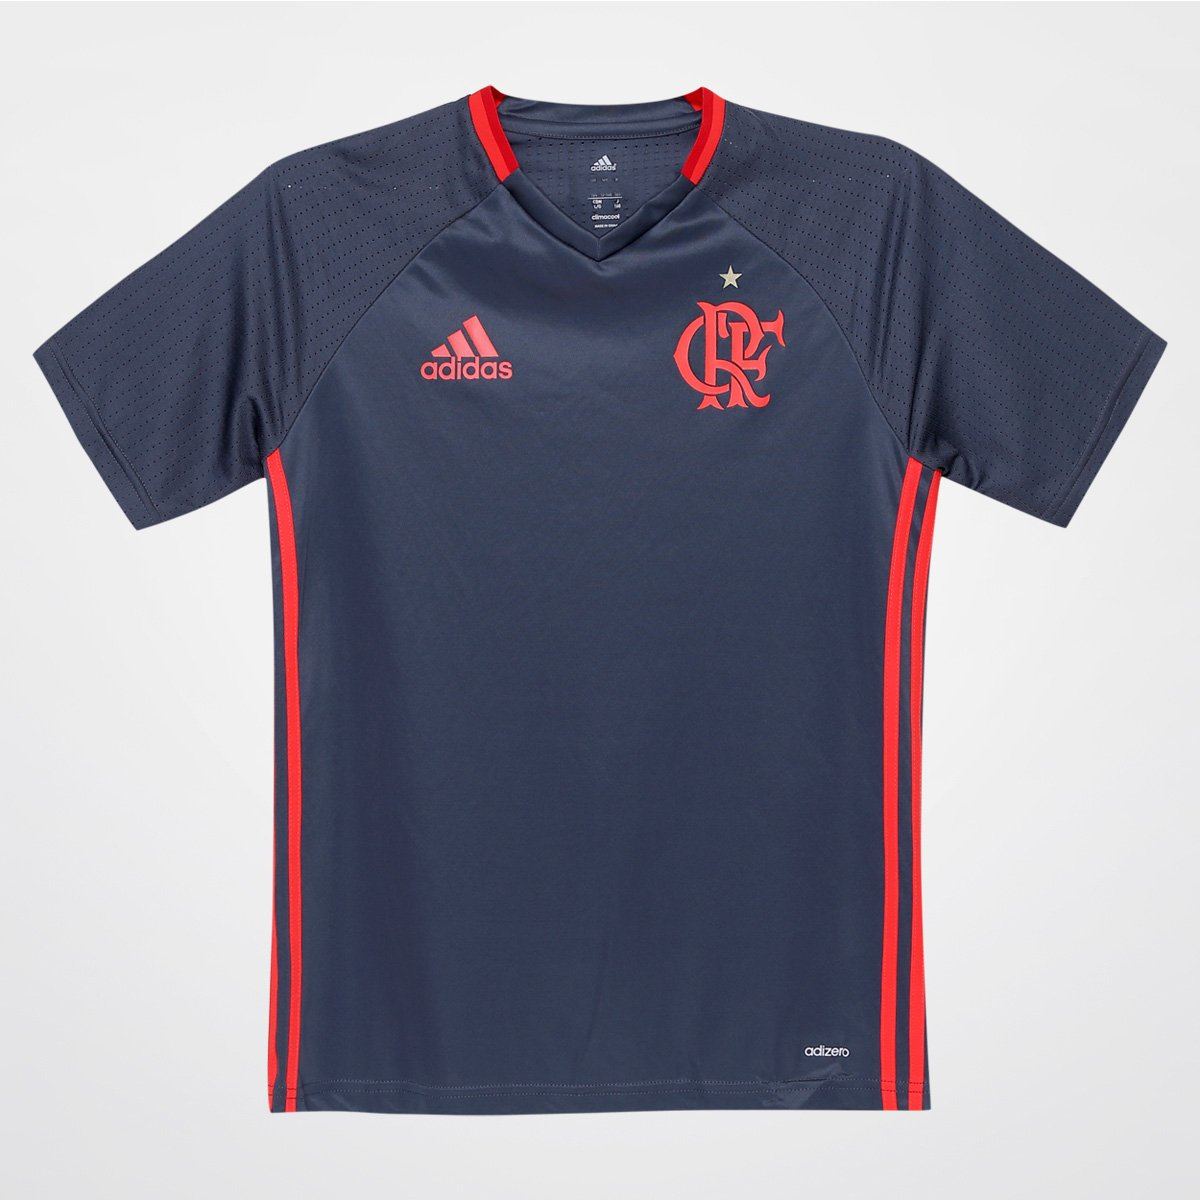 Camisa Flamengo Infantil Treino 2016 - Torcedor Adidas - Compre Agora  7894d6af65c36